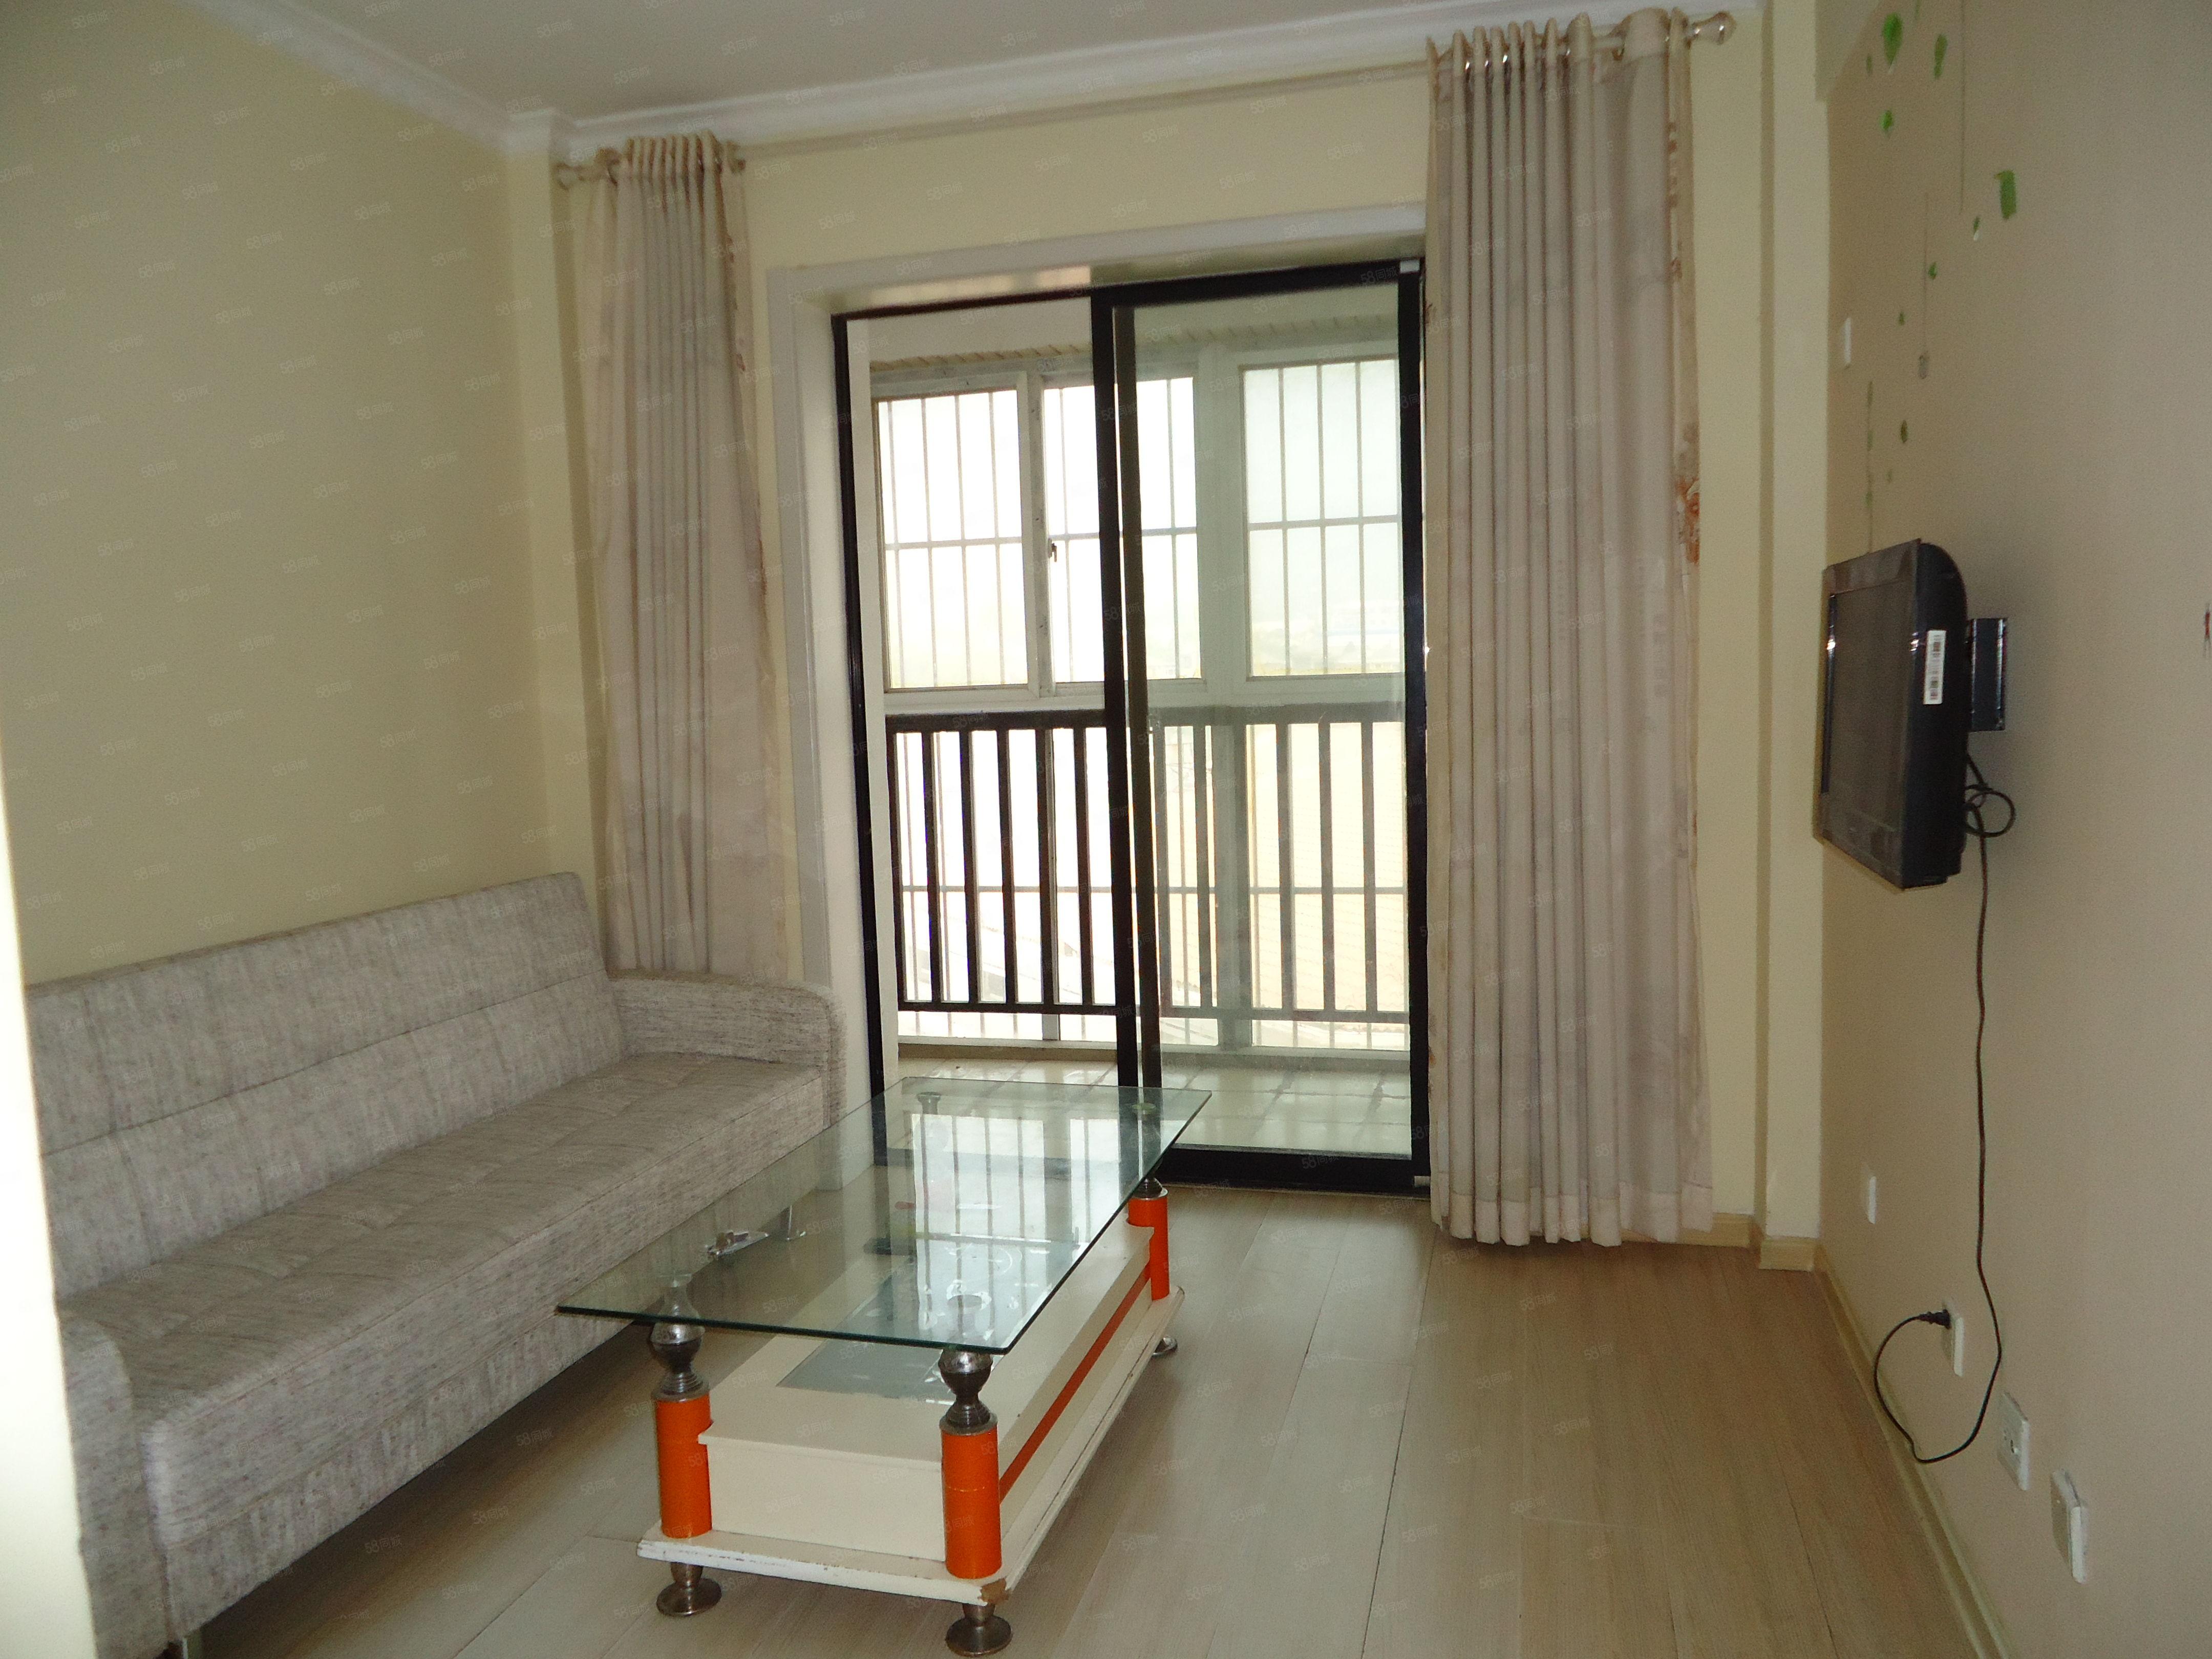 宝龙广场,精装一室一厅,家具全,干净卫生,电梯房,宽带,有线